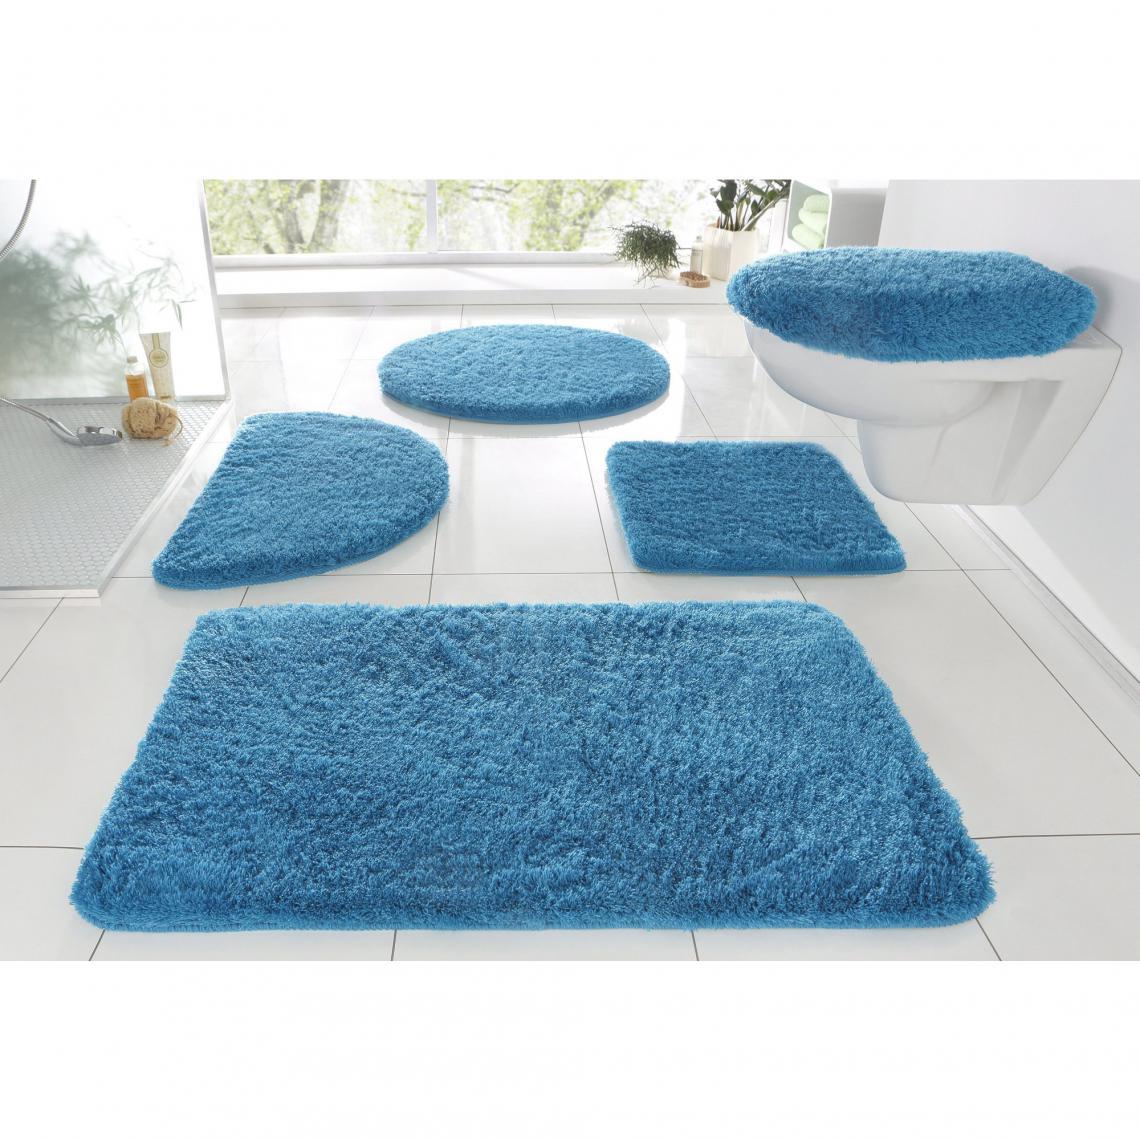 Tapis De Bain Et Tapis De Wc Merida My Home Bleu 3 Suisses